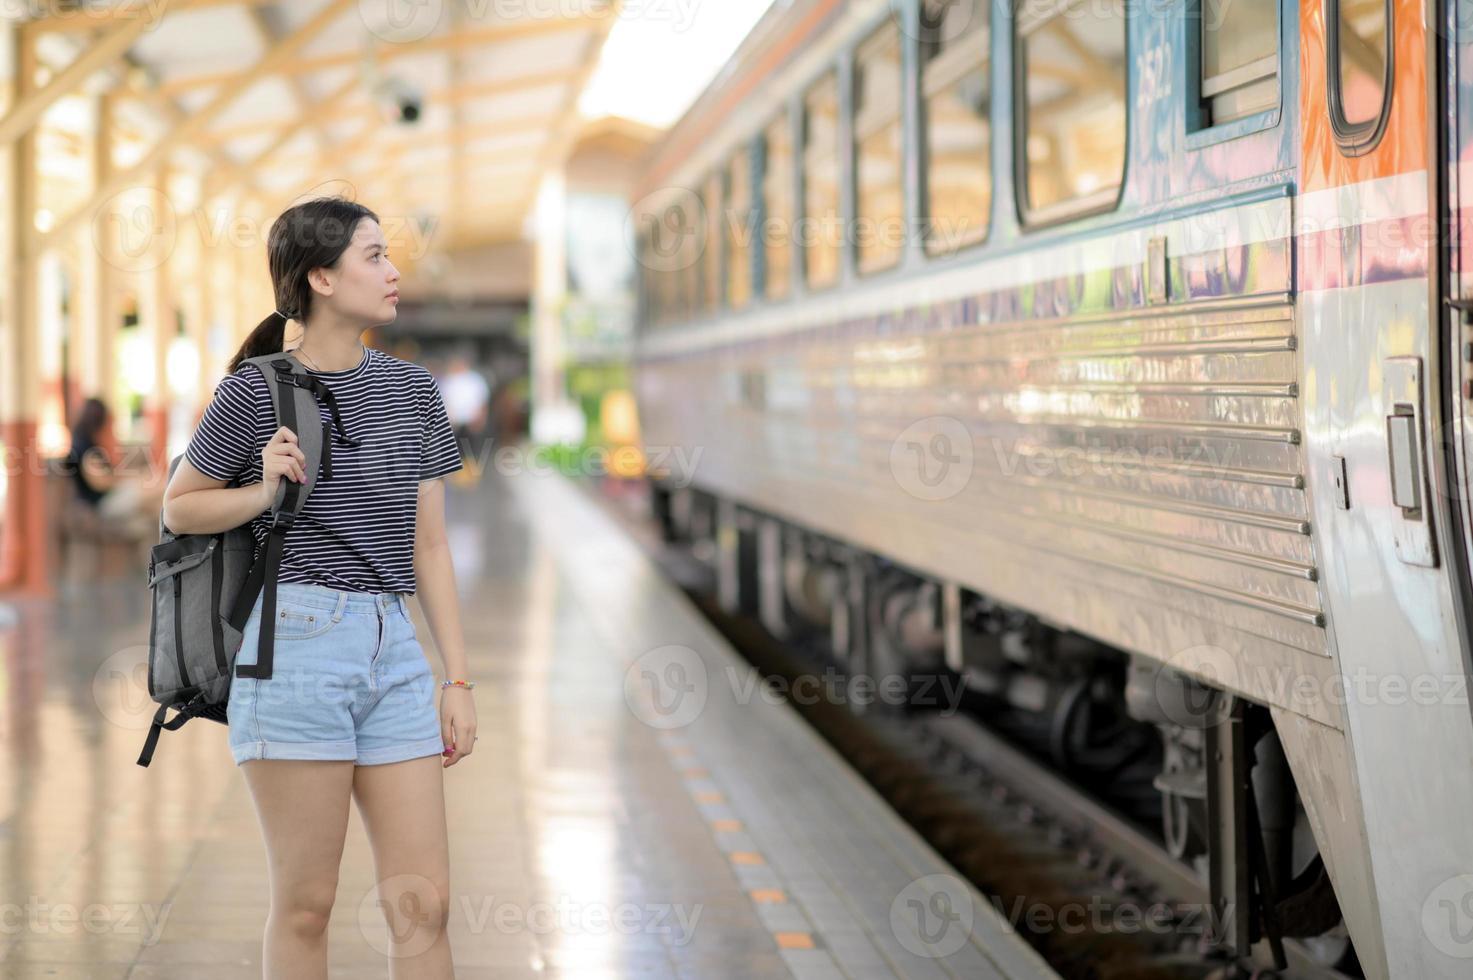 eine internationale reisende mit rucksack erwartet den zug. foto